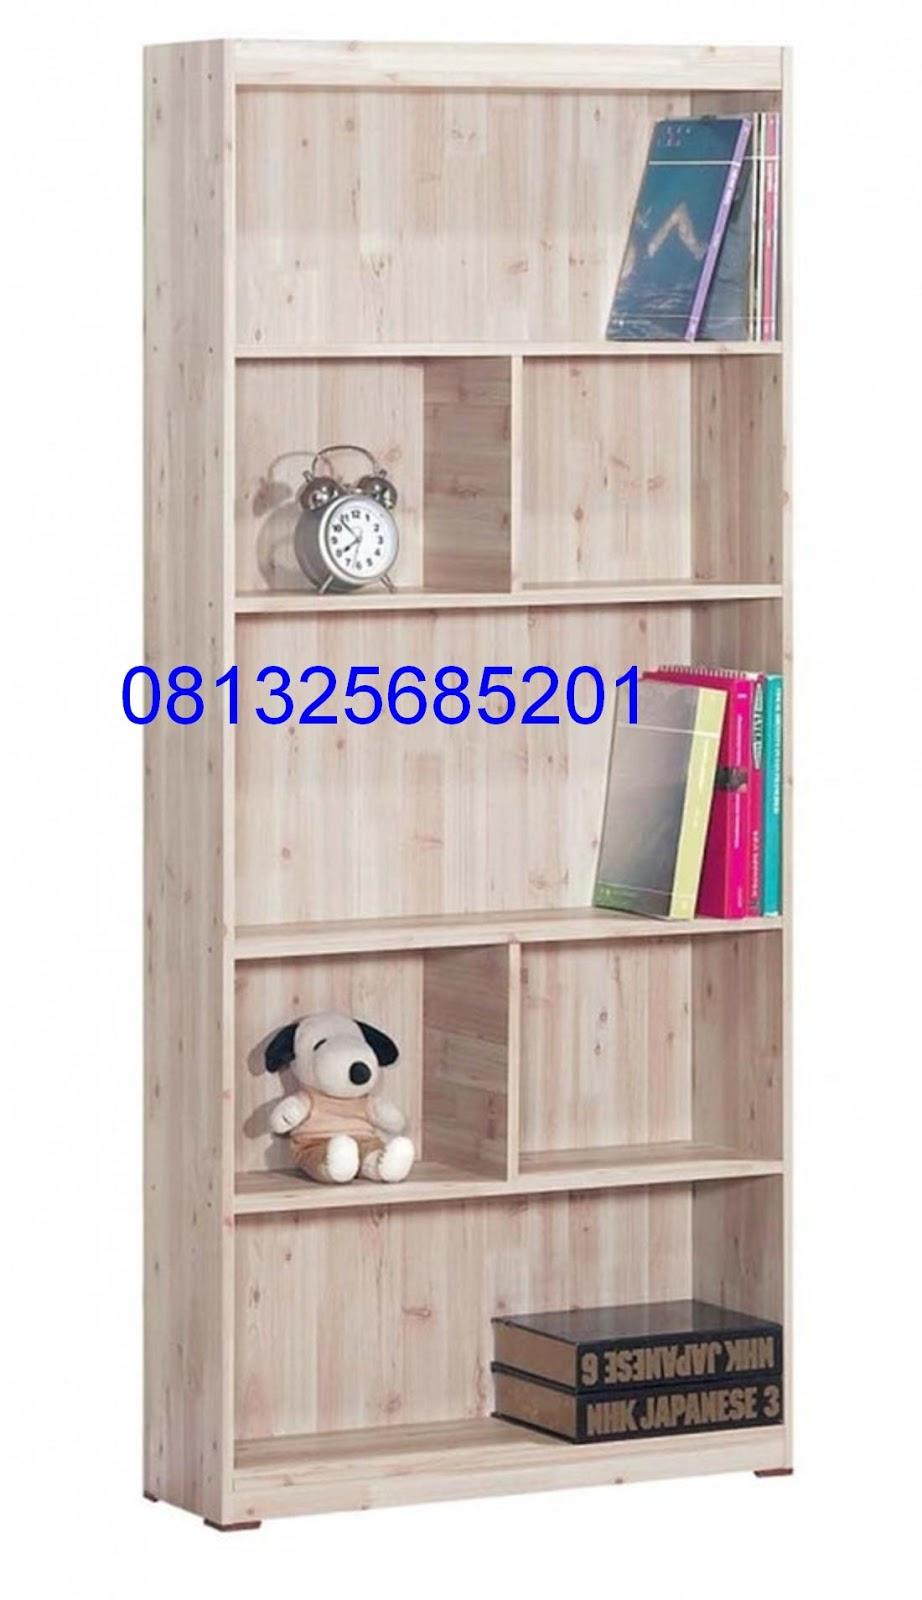 Images Almari Rak Buku Jati Minimalis Pintu Geser Mebel